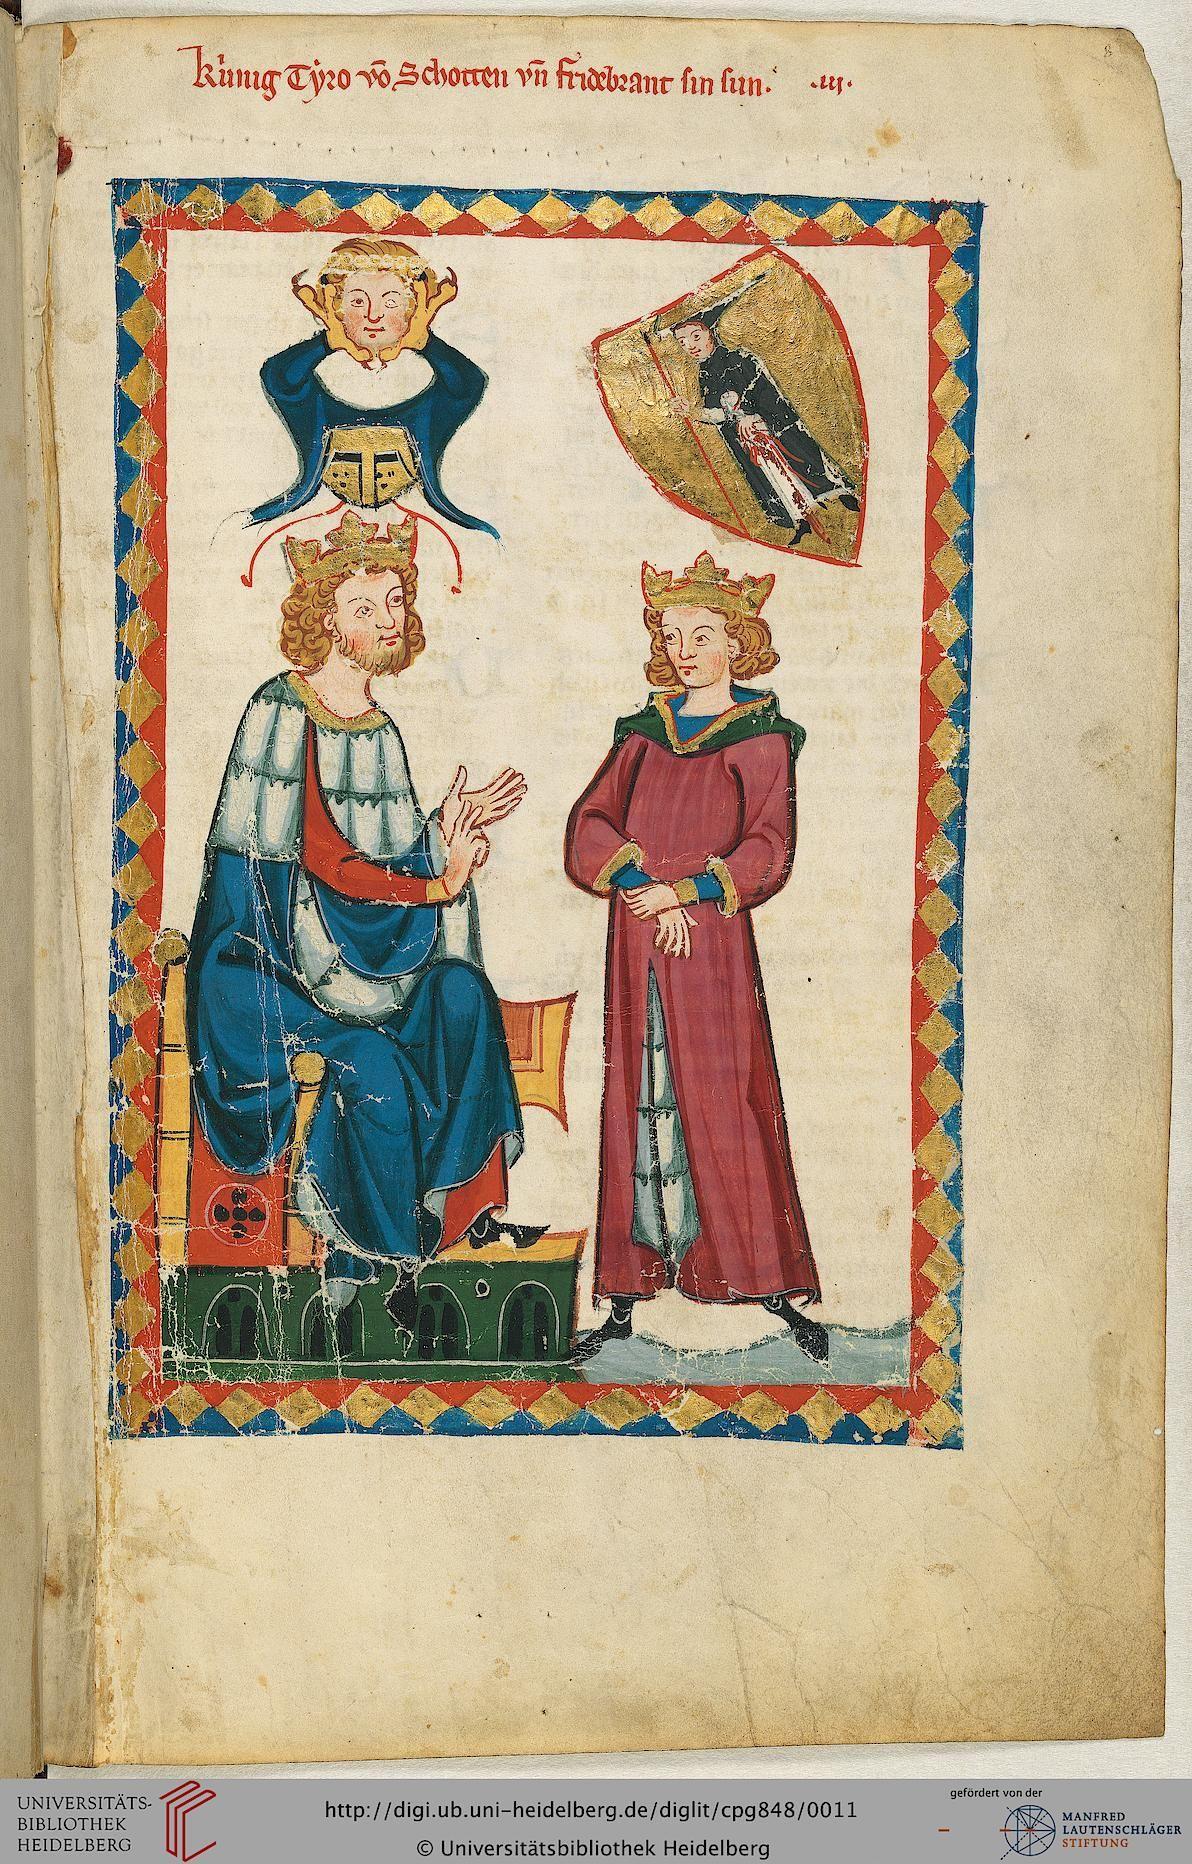 """""""König Tyro von Schotten"""" ist nicht der Name eines Sängers, sondern der Titel der anschließenden epischen Dichtung. Der vermutlich aus Thüringen stammende, unbekannte Autor verfaßte dieses Epos wohl zwischen 1220 und 1250: Friedebrant wird von seinem Vater, dem König Tyro, in den Pflichten eines Königs gegenüber seinen Untertanen und in standesgemäßem, ritterlich-höfischem Benehmen unterrichtet."""